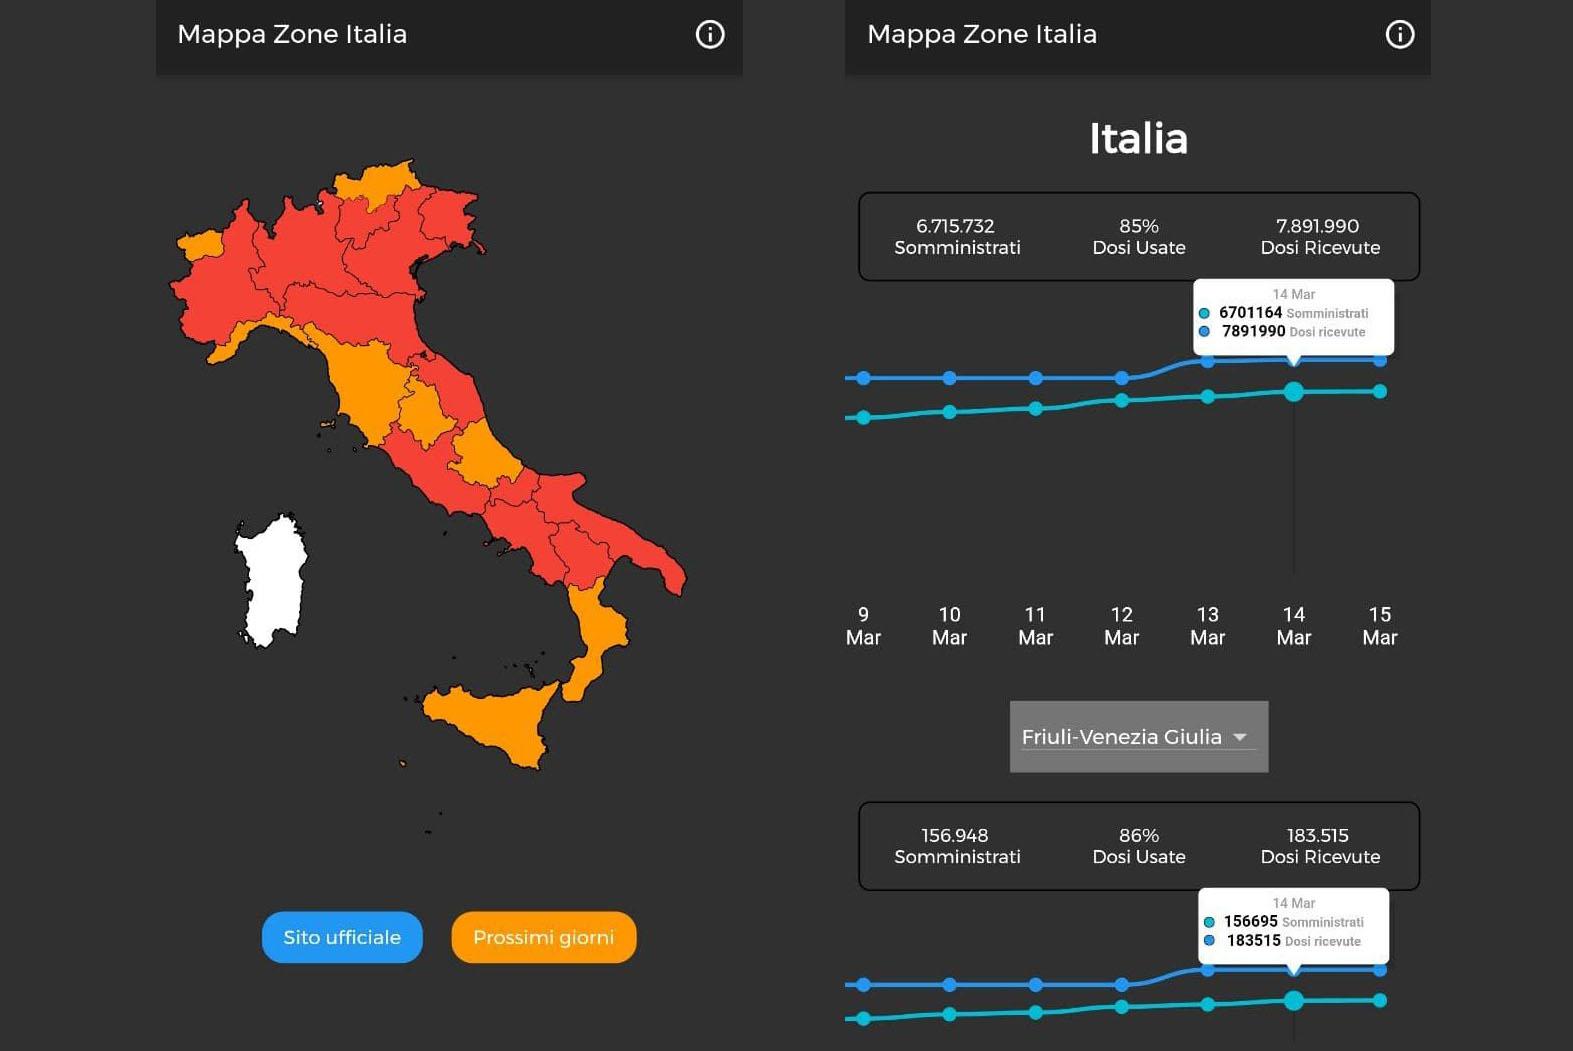 mappa zone 1a